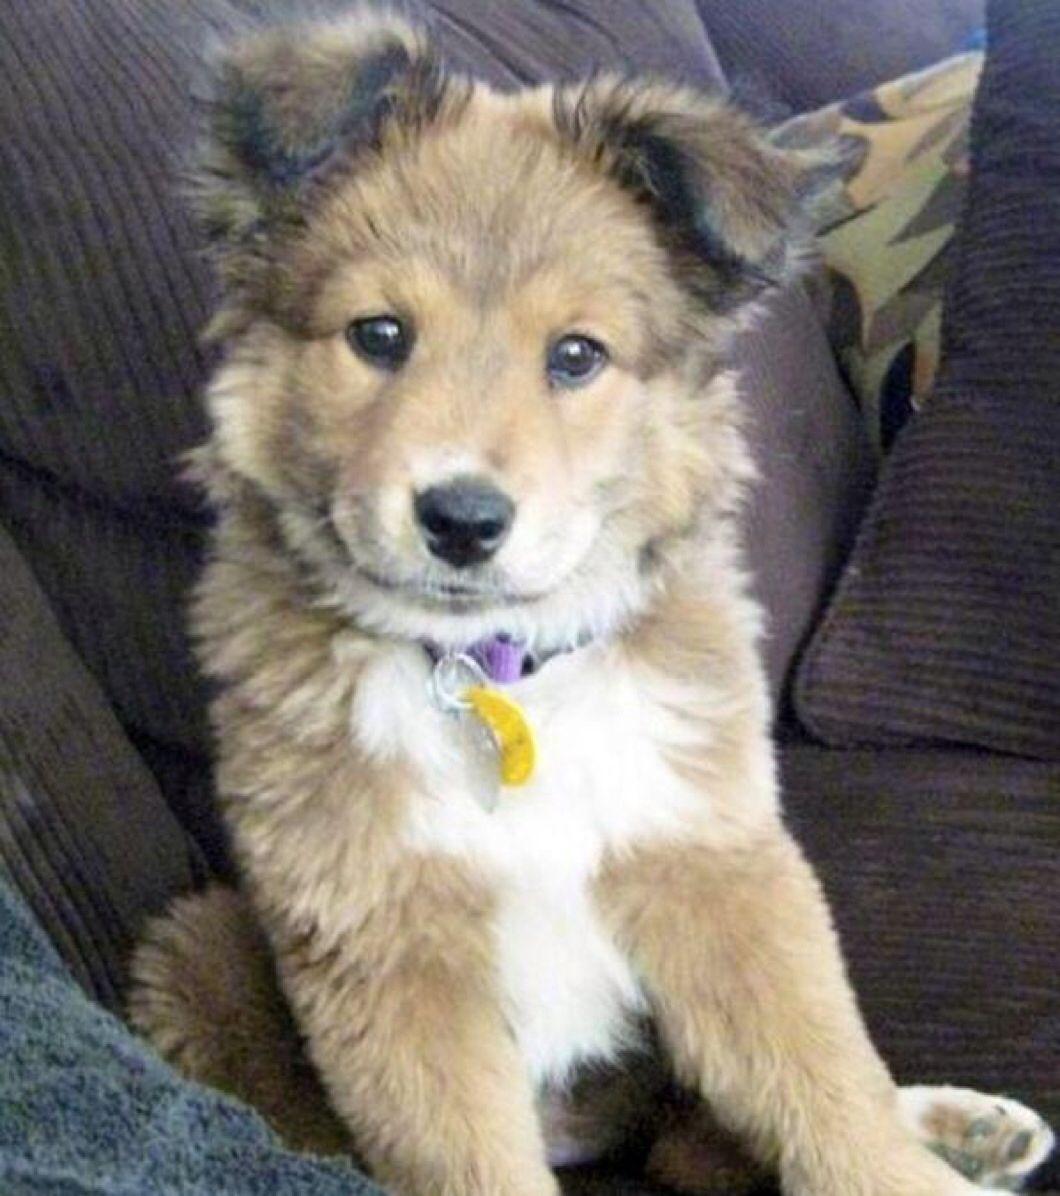 Husky Retriever Mix Golden Retriever Husky Mix Puppies Cute Animals Puppies